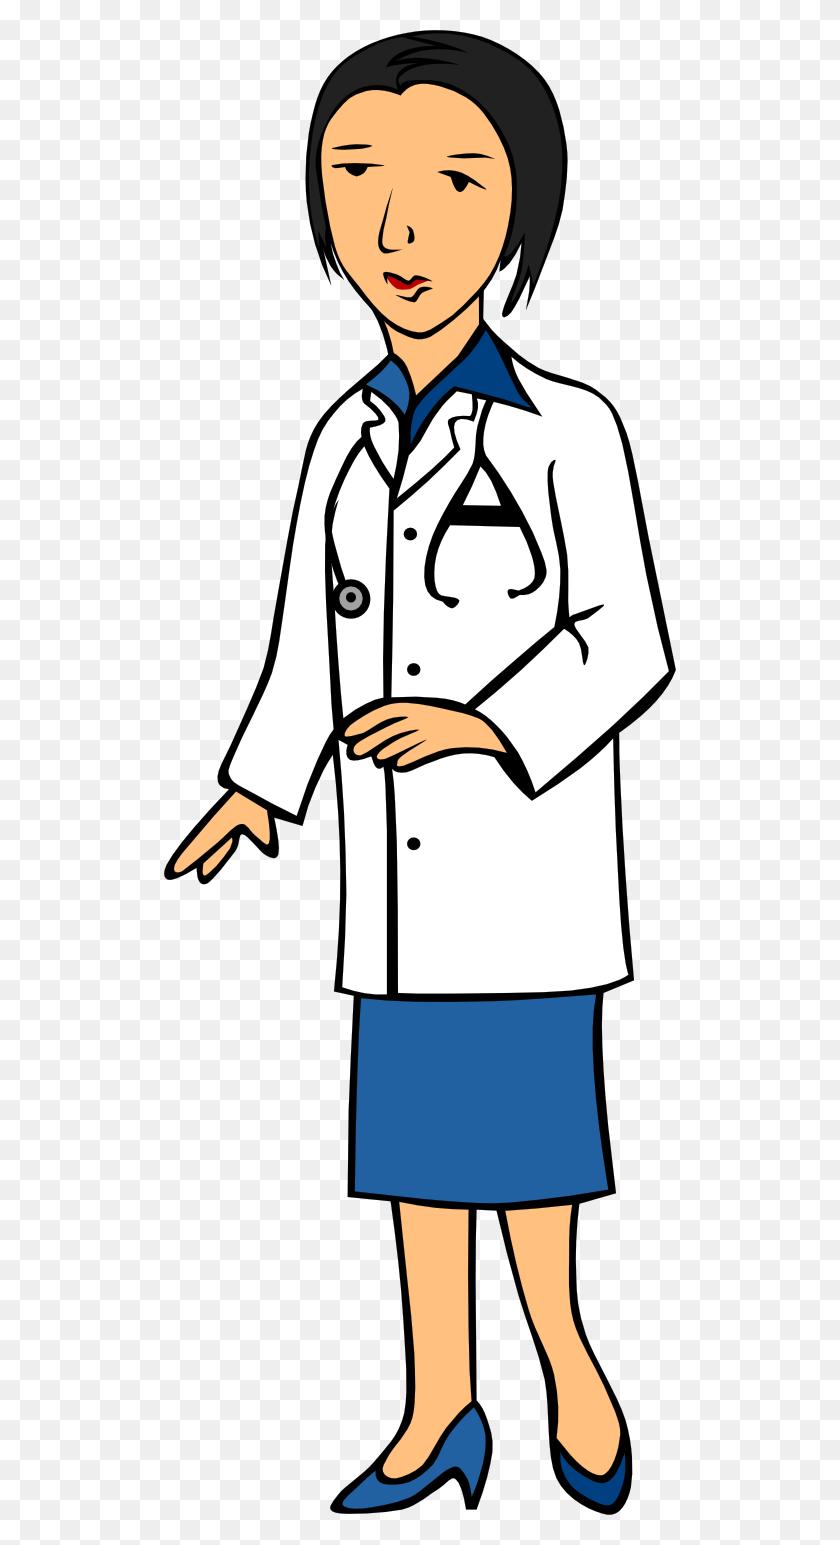 Doctor Cartoon Clip Art - Doctors Office Clipart